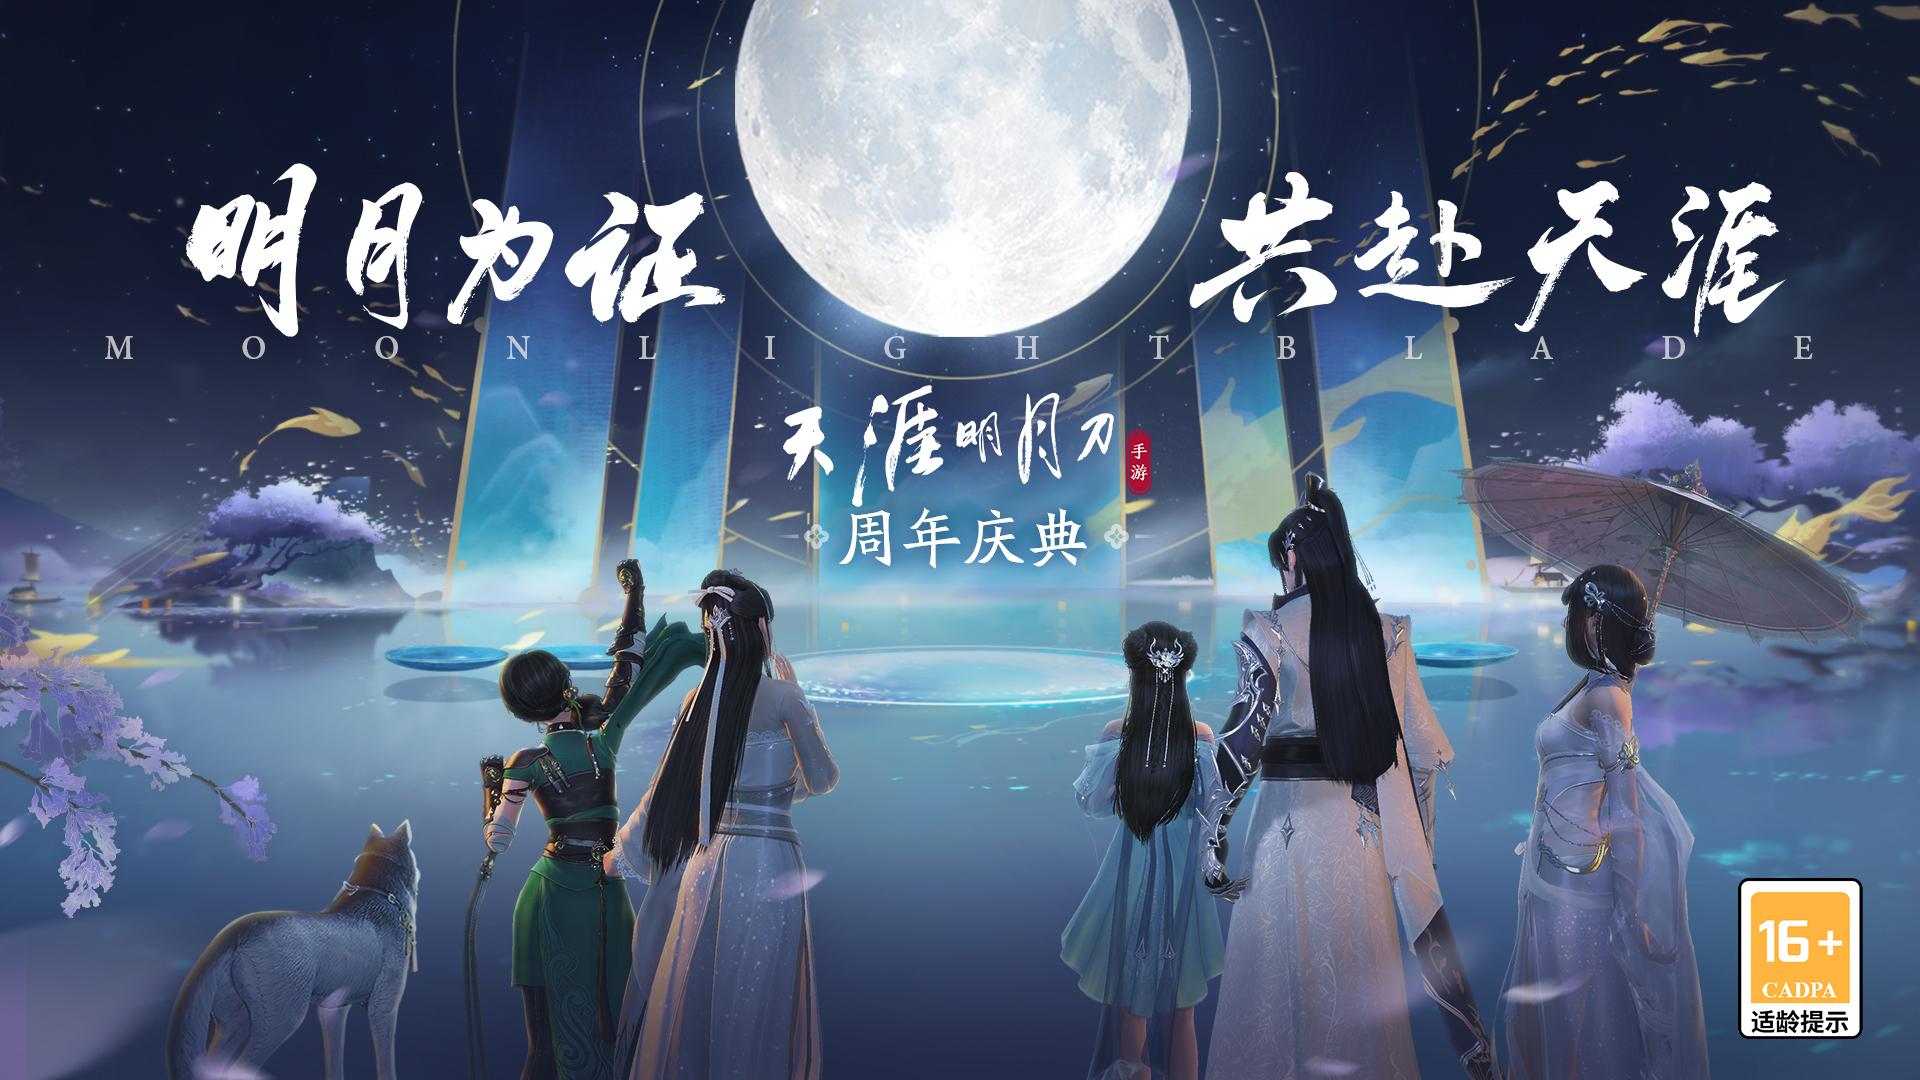 天刀手游年度资料片定档11.1,暖心江湖宠爱一生!